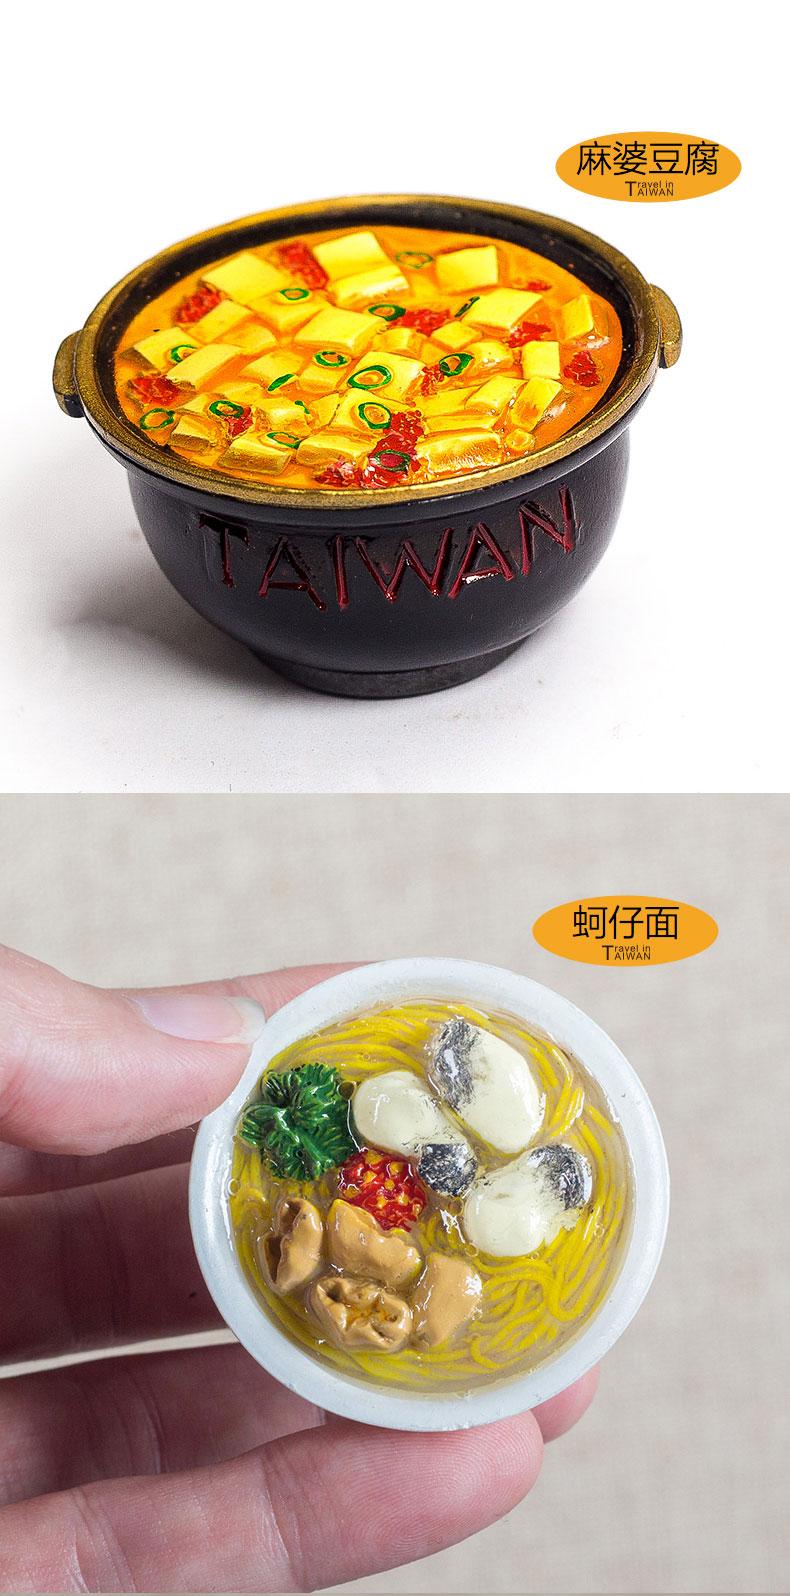 美食3D立体冰箱贴台湾小吃早餐仿真食物冰箱贴立体磁贴